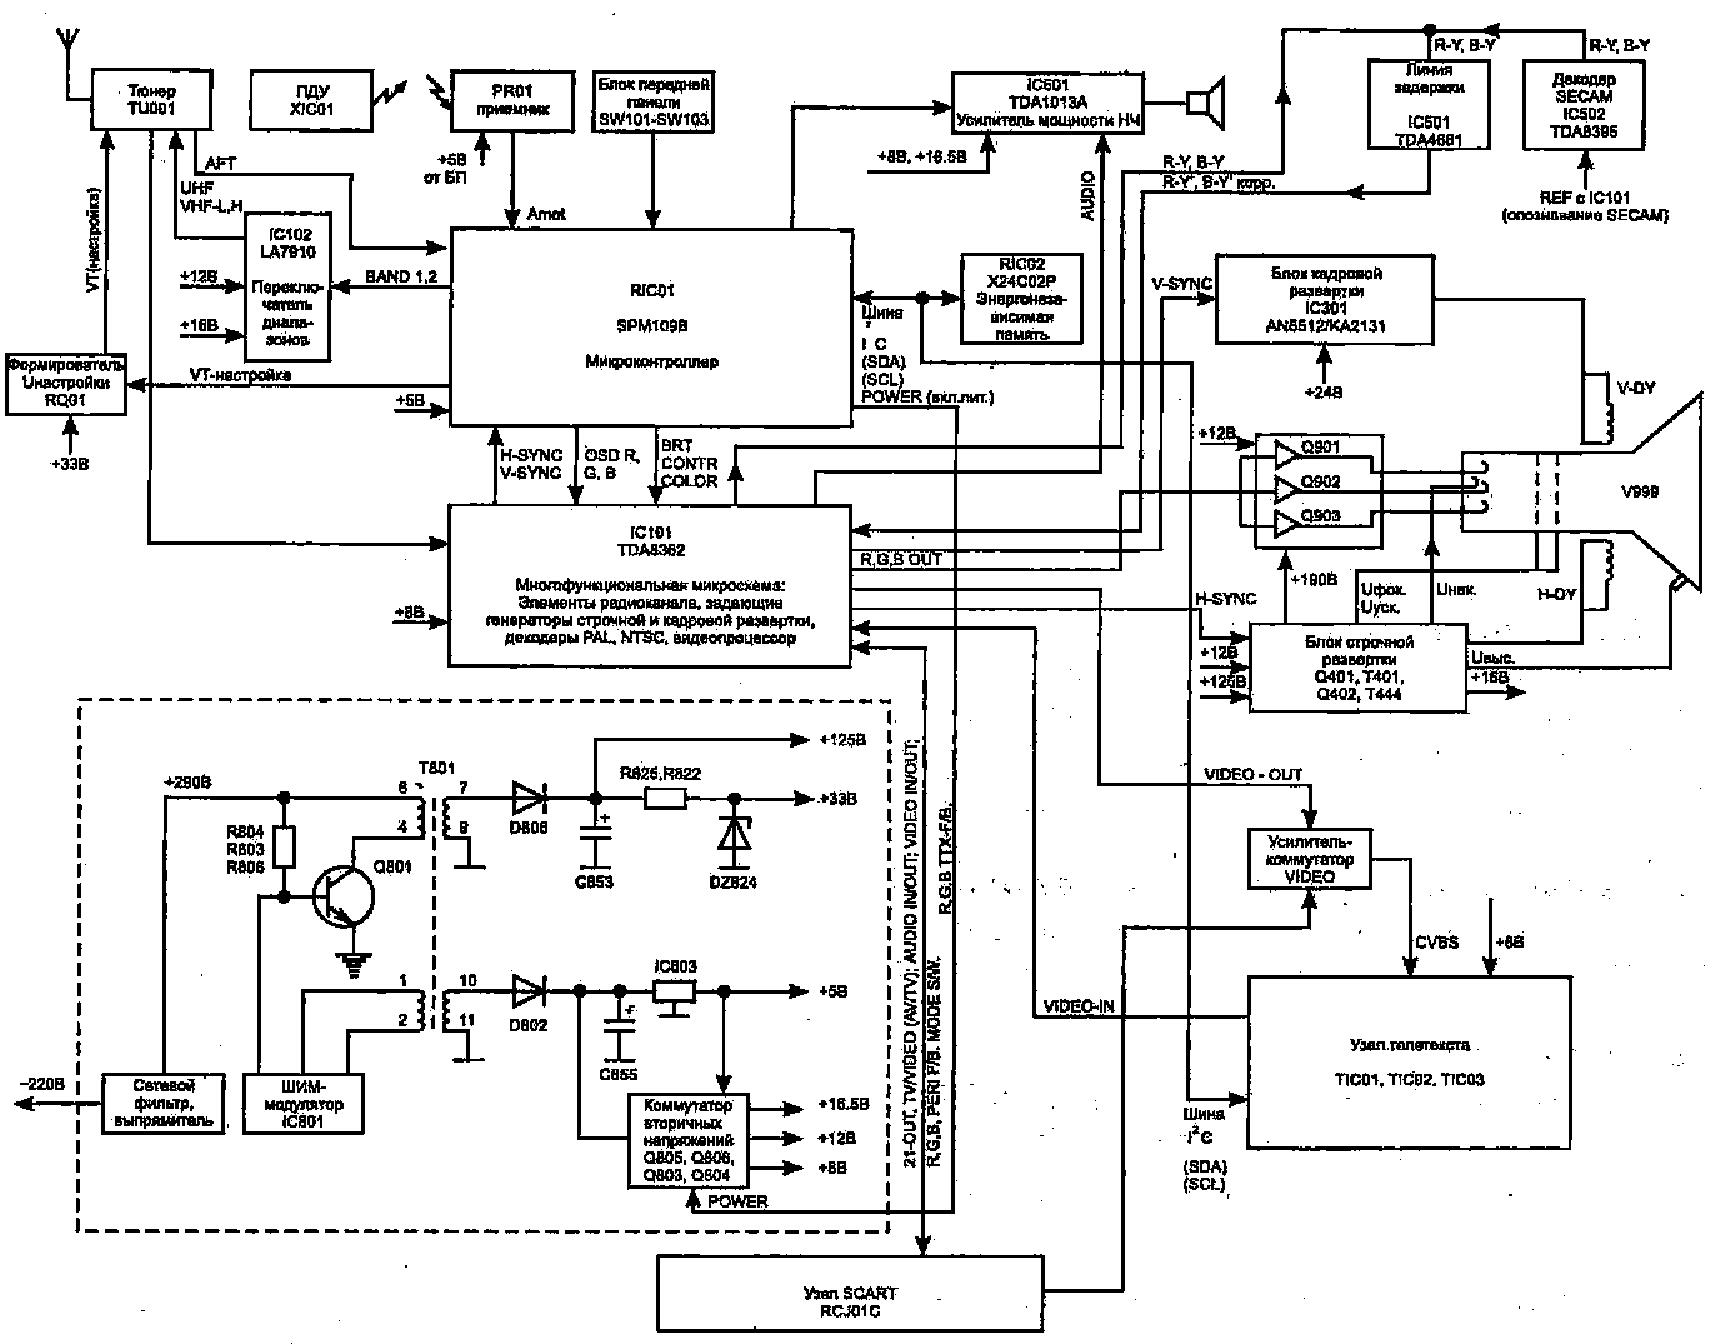 инструкция по эксплуатации телевизора samsung tvp5070w